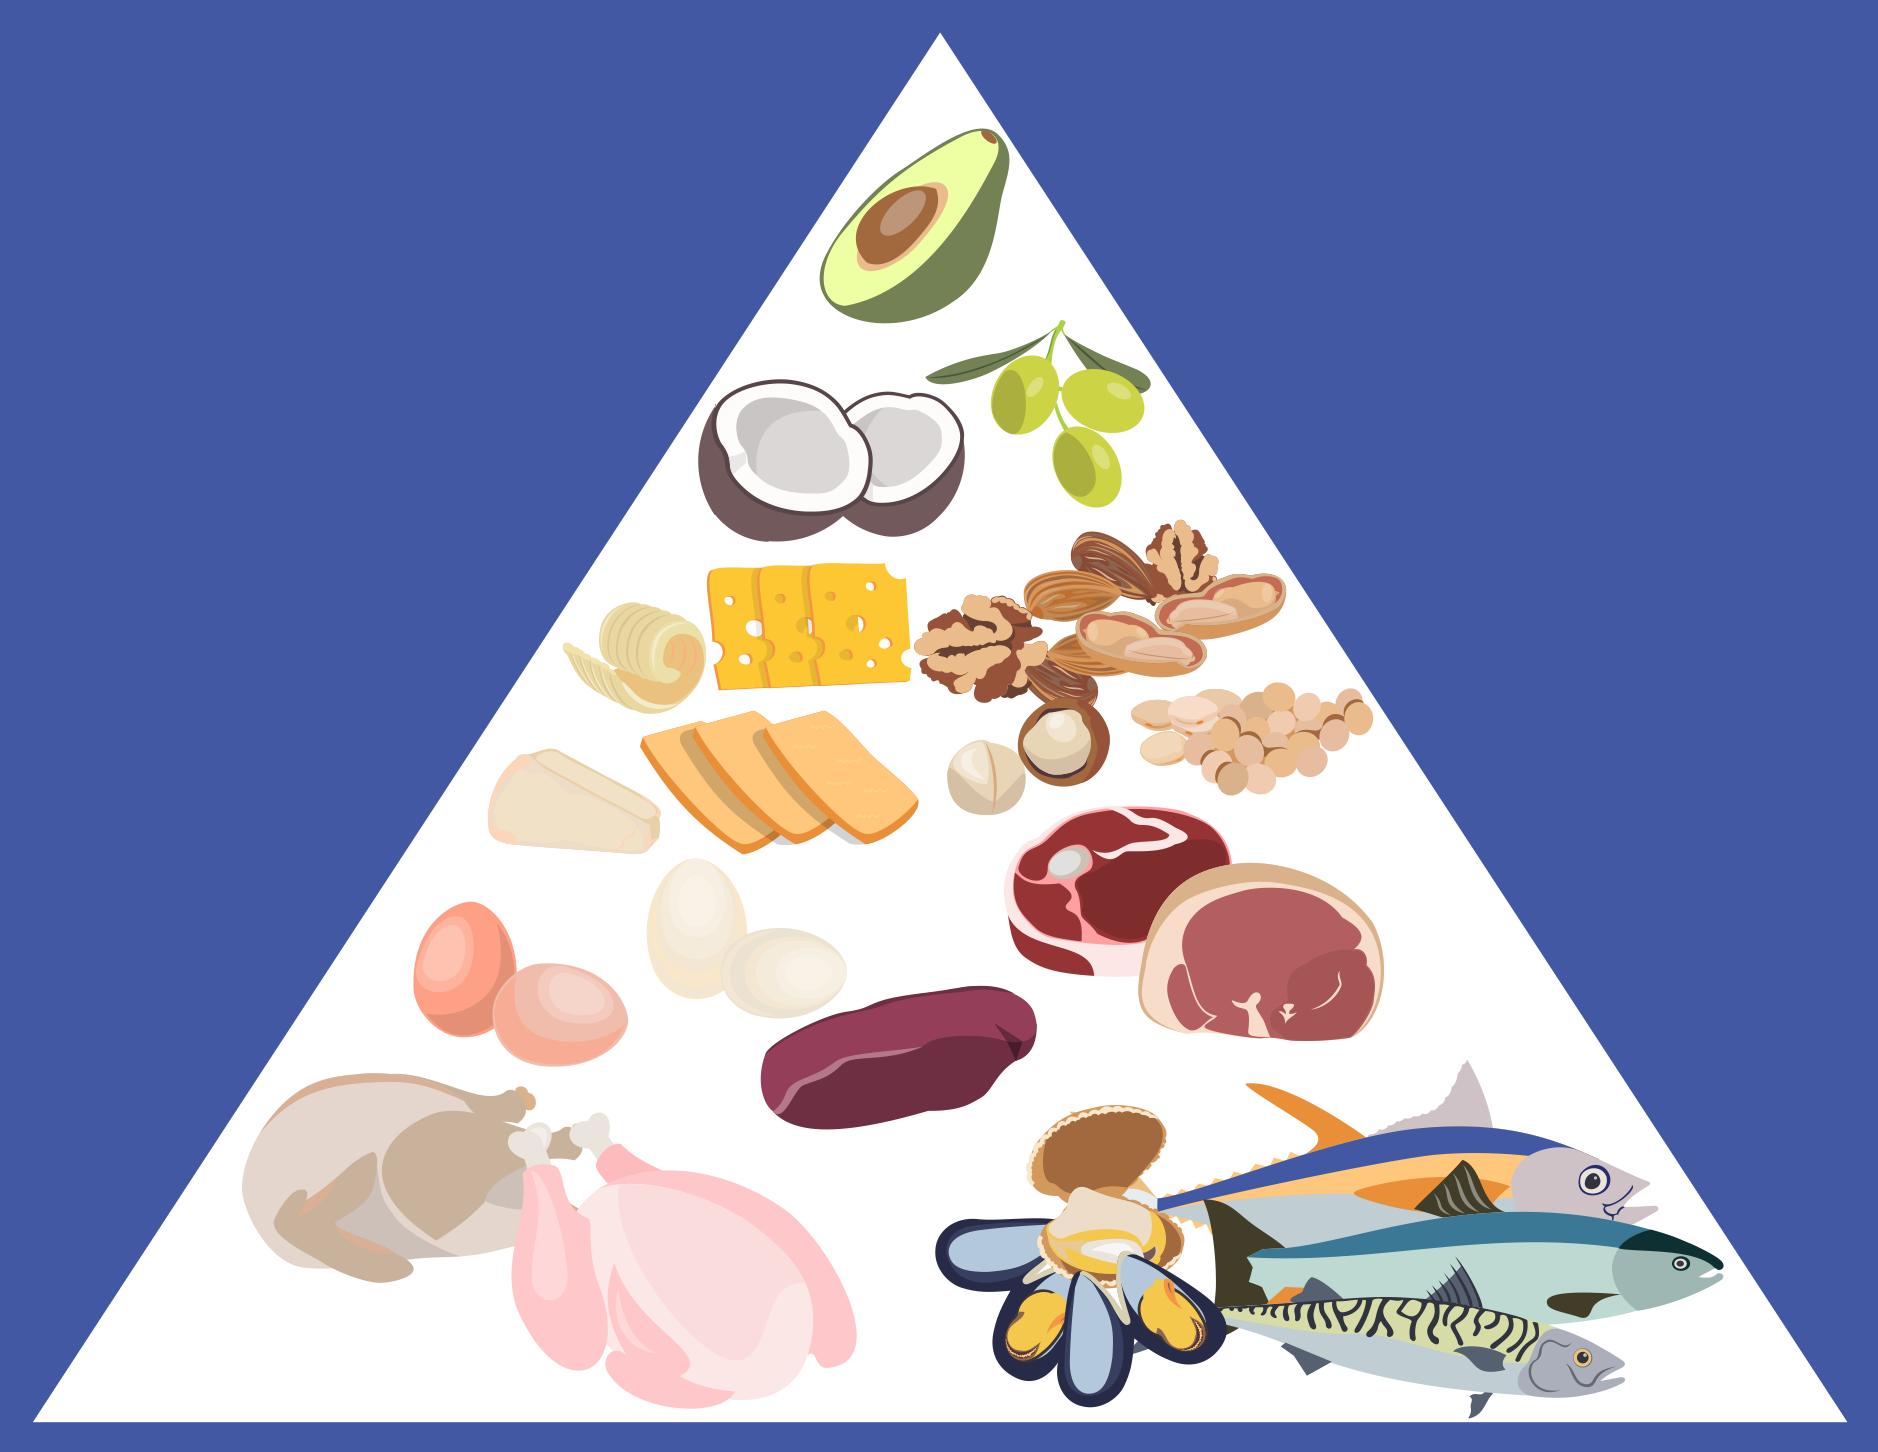 Health Food — Fat Food